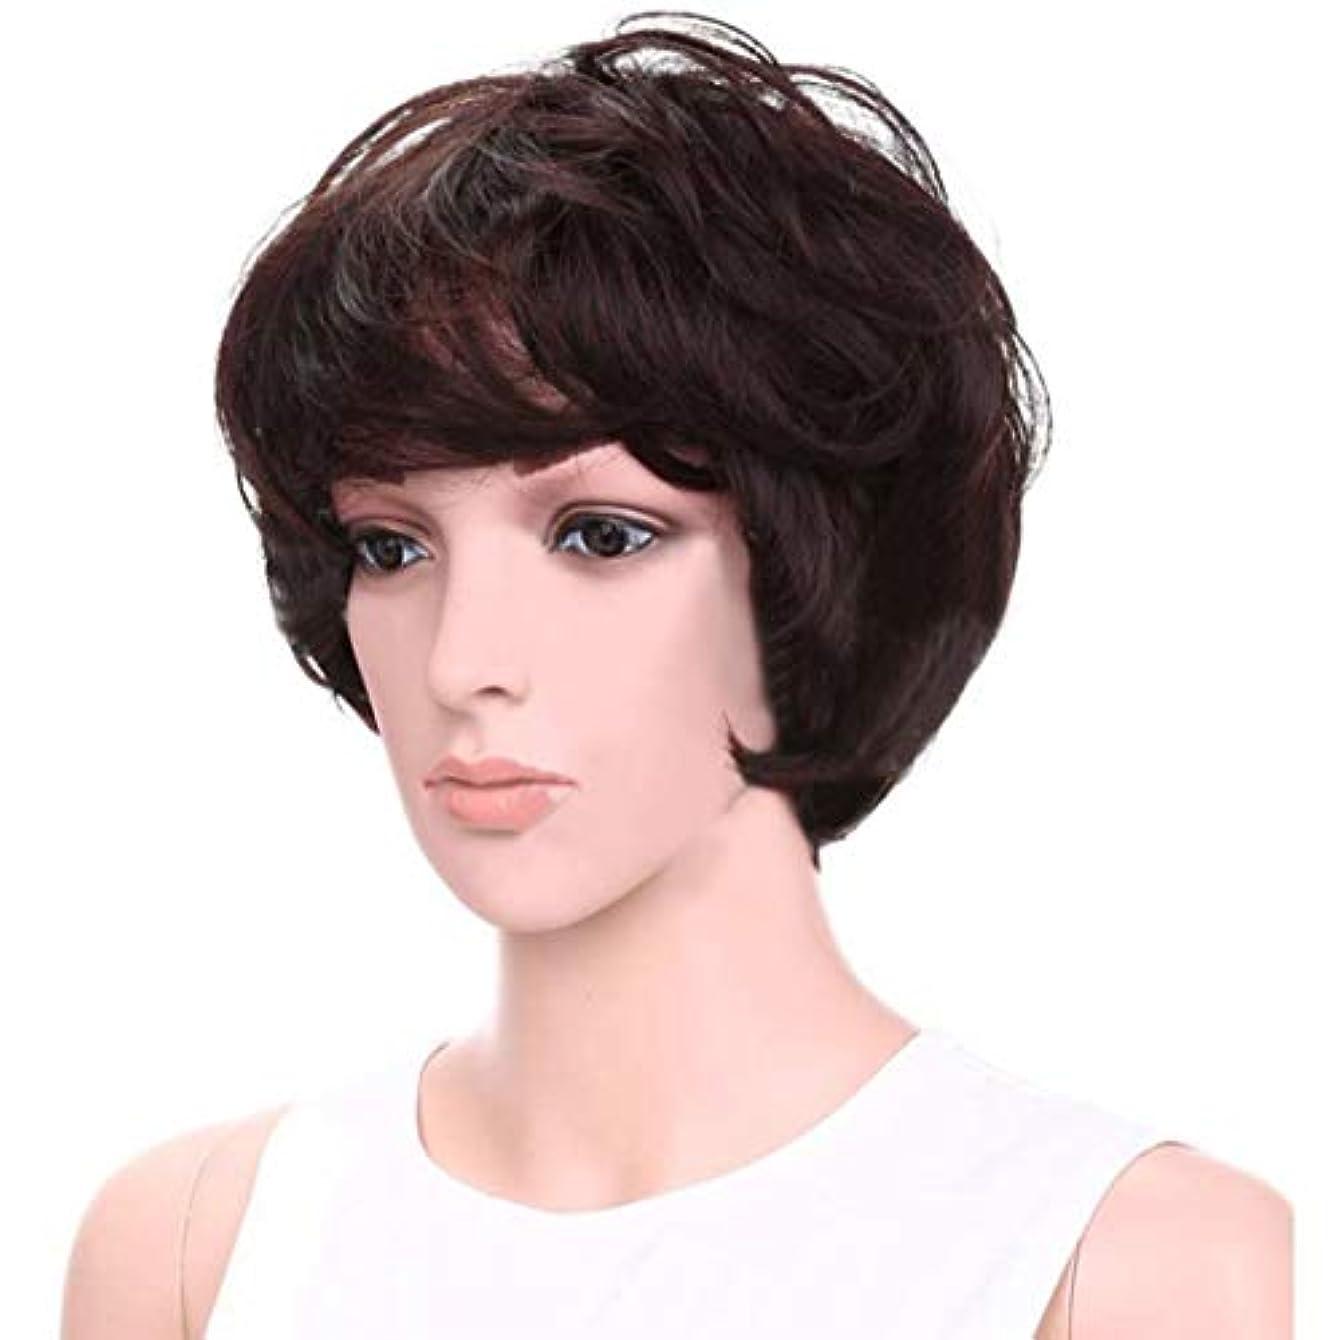 墓変成器右YOUQIU エア?フラッツ前髪髪の耐熱ウィッグでパーソナリティかつら女性のショートヘアウィッグふわふわ8インチ(ダークブラウン)かつら (色 : Dark brown)